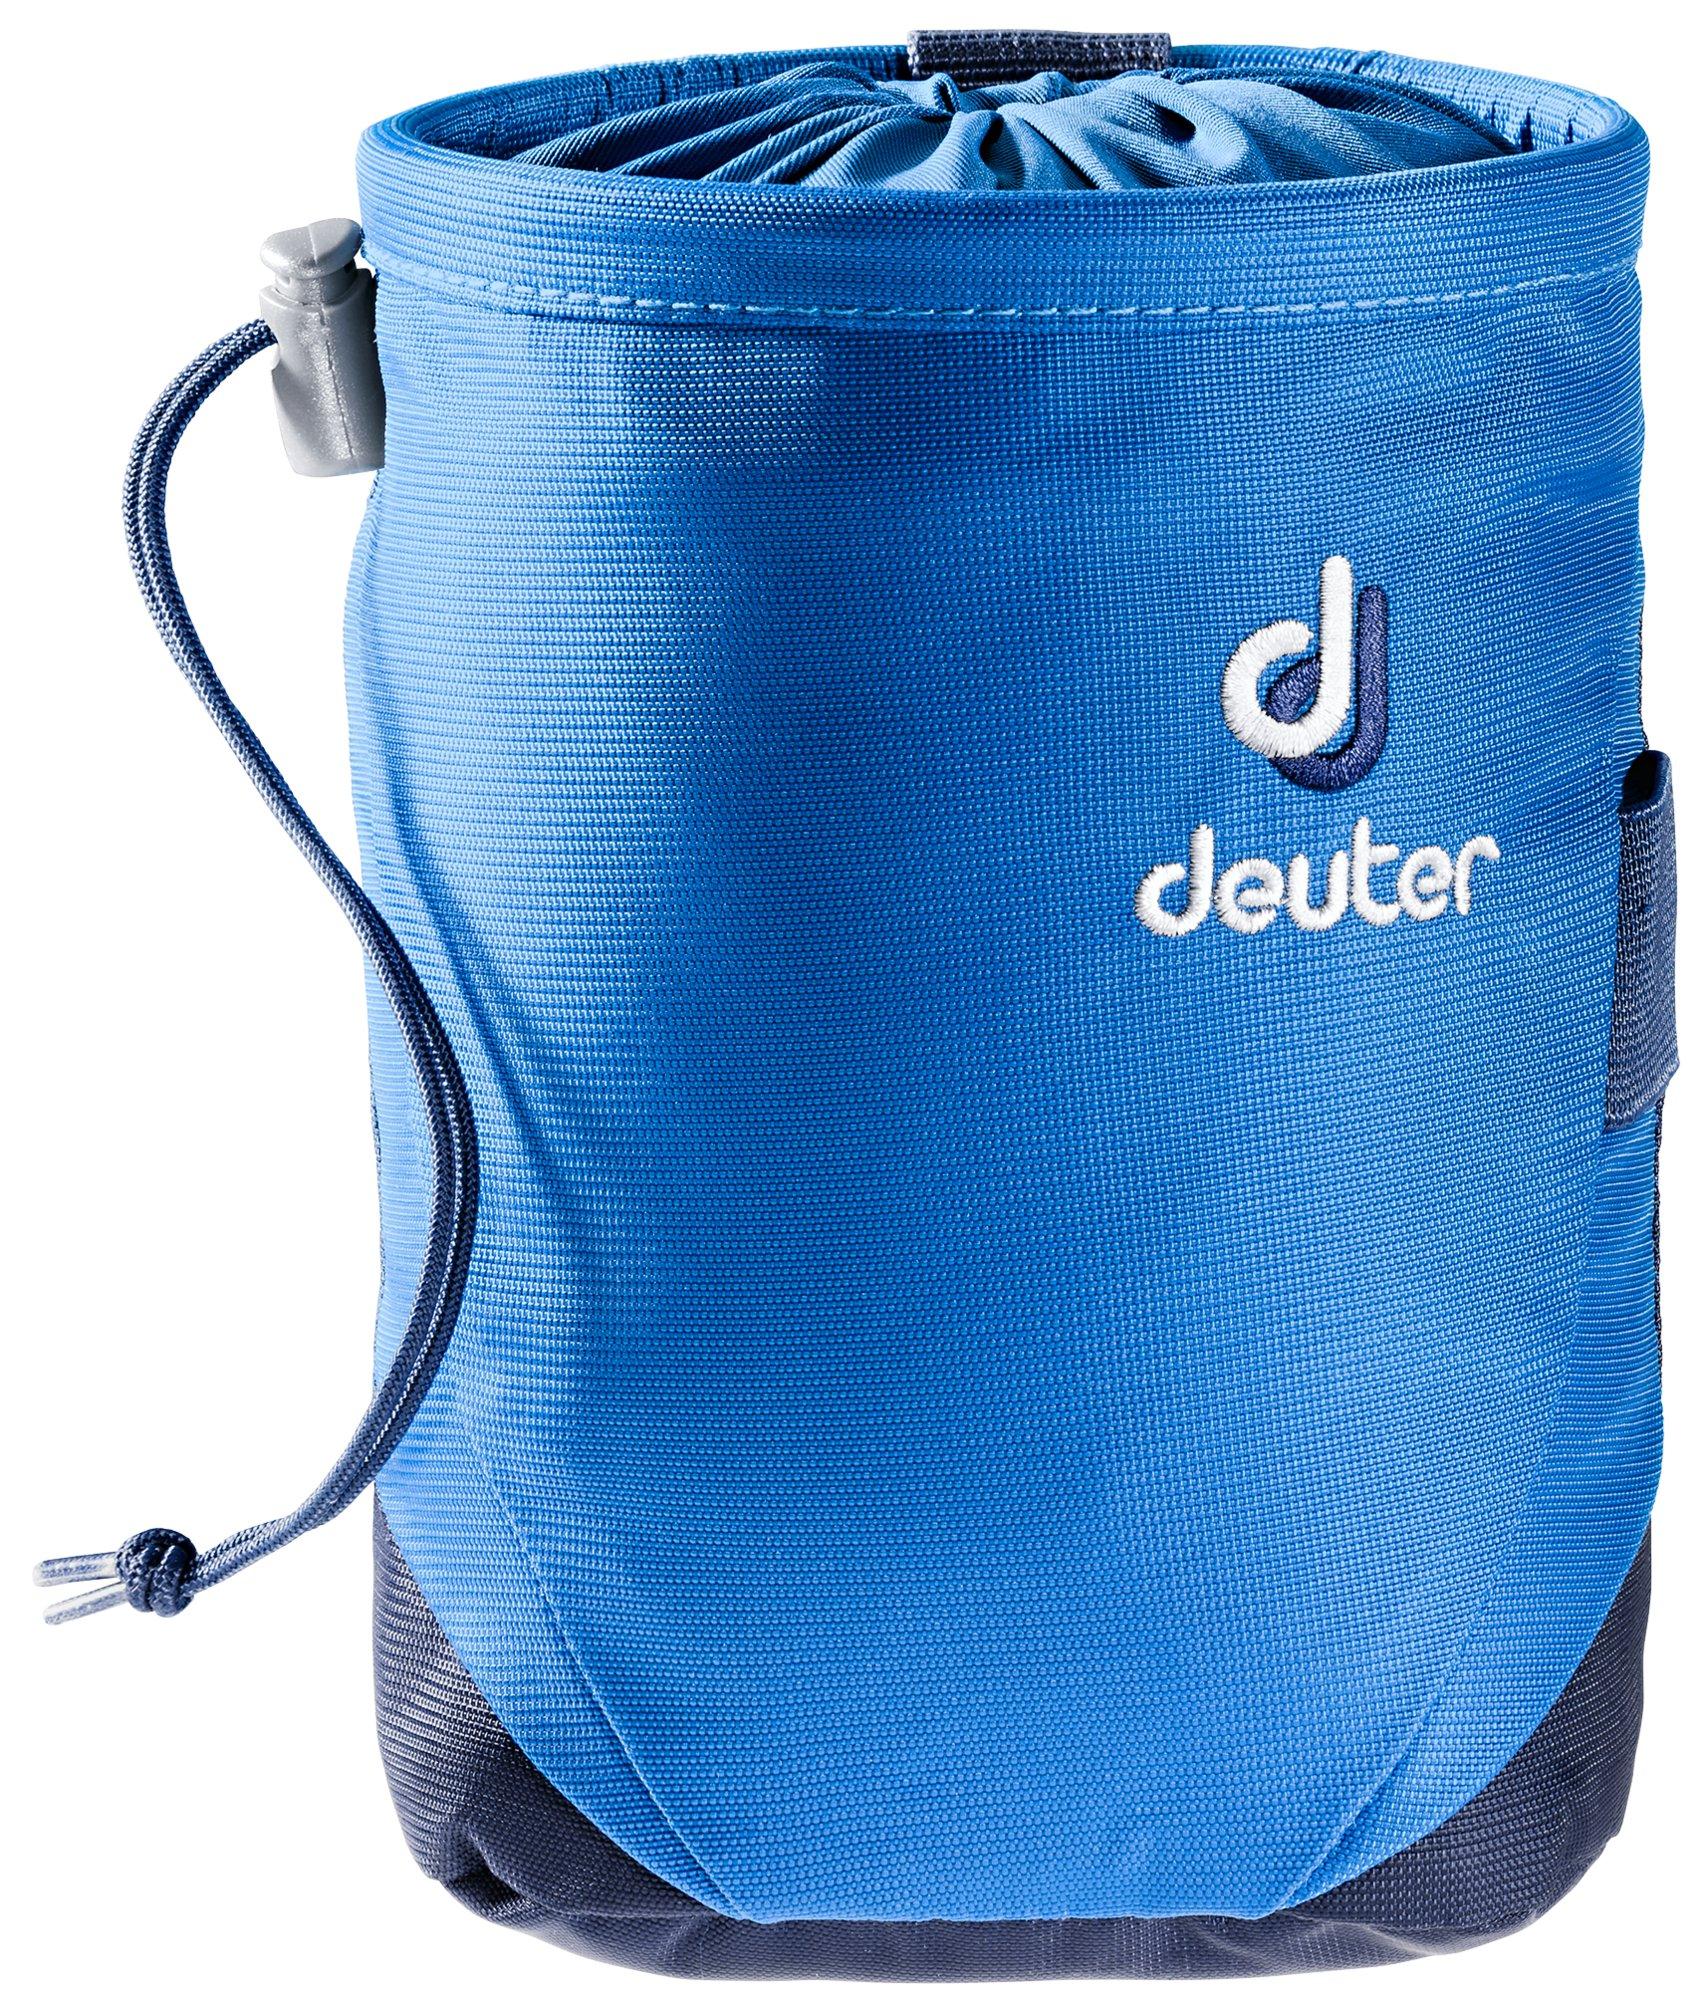 Deuter - Gravity Chalk Bag I L, Kletterzubehör